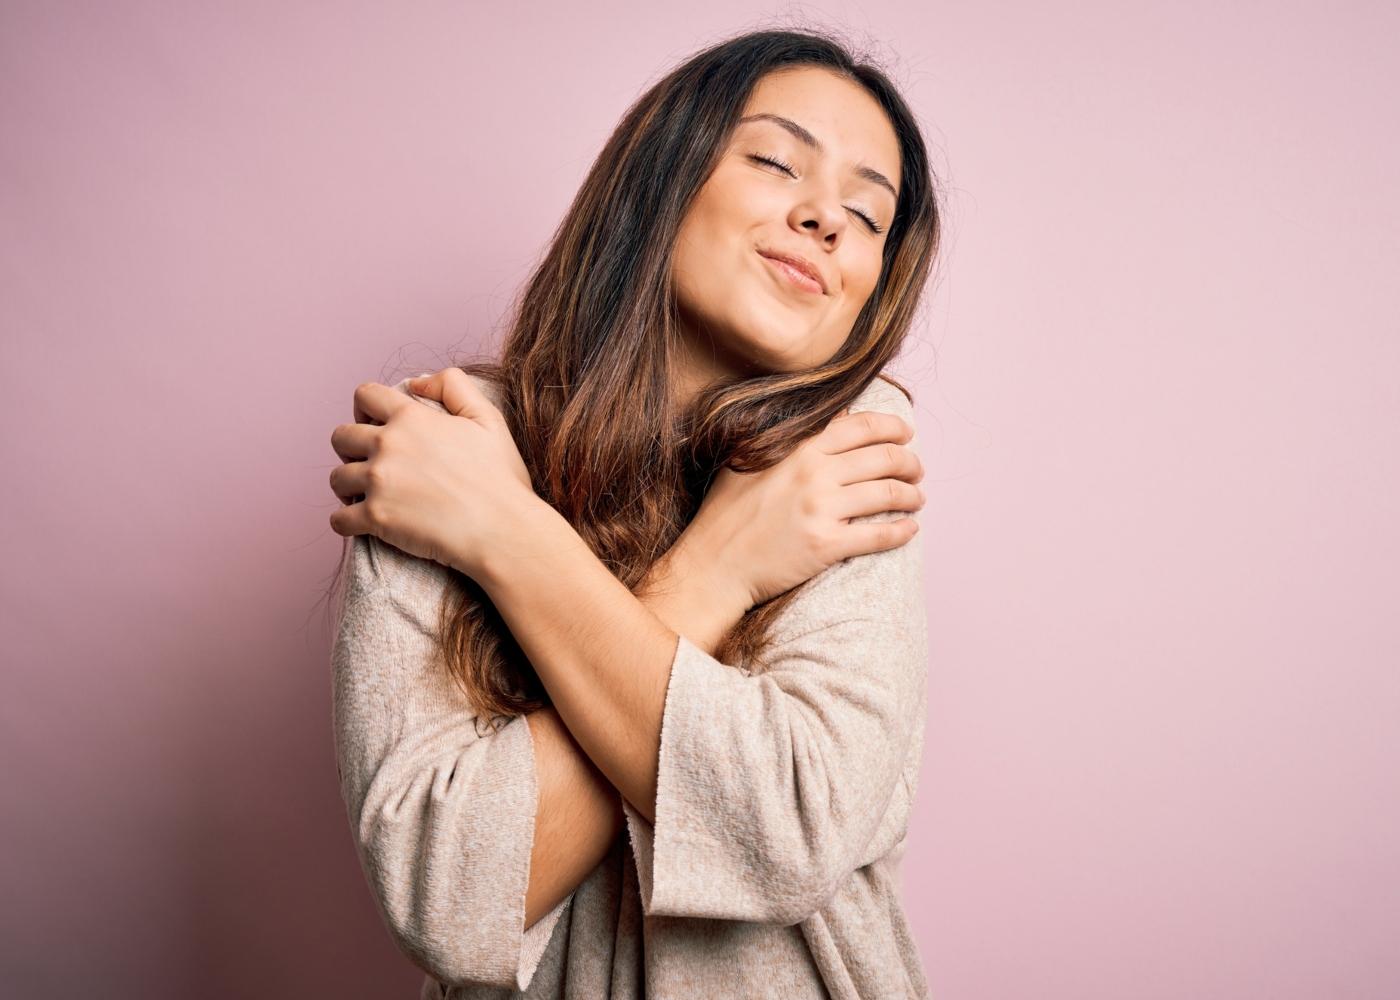 Mulher a abraçar-se